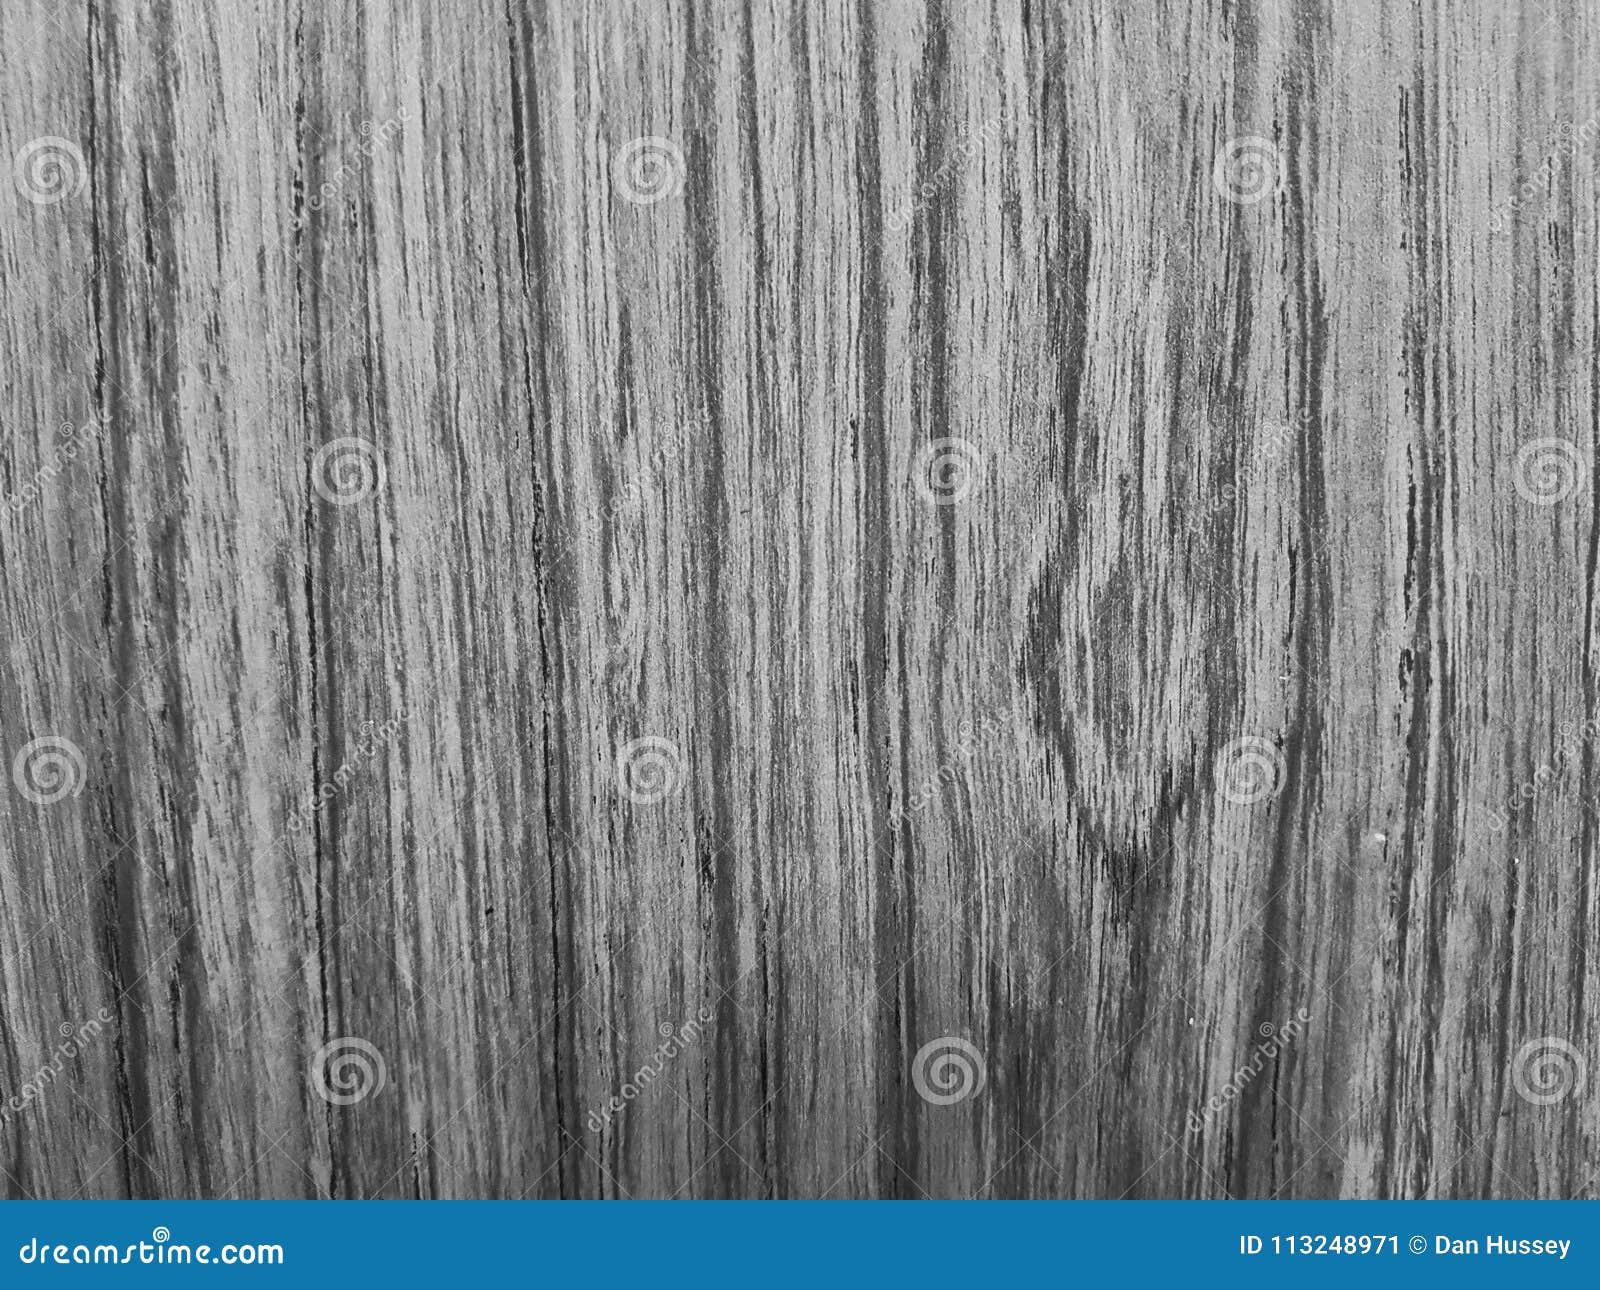 Legno Bianco E Nero : Struttura di legno in bianco e nero del grano immagine stock